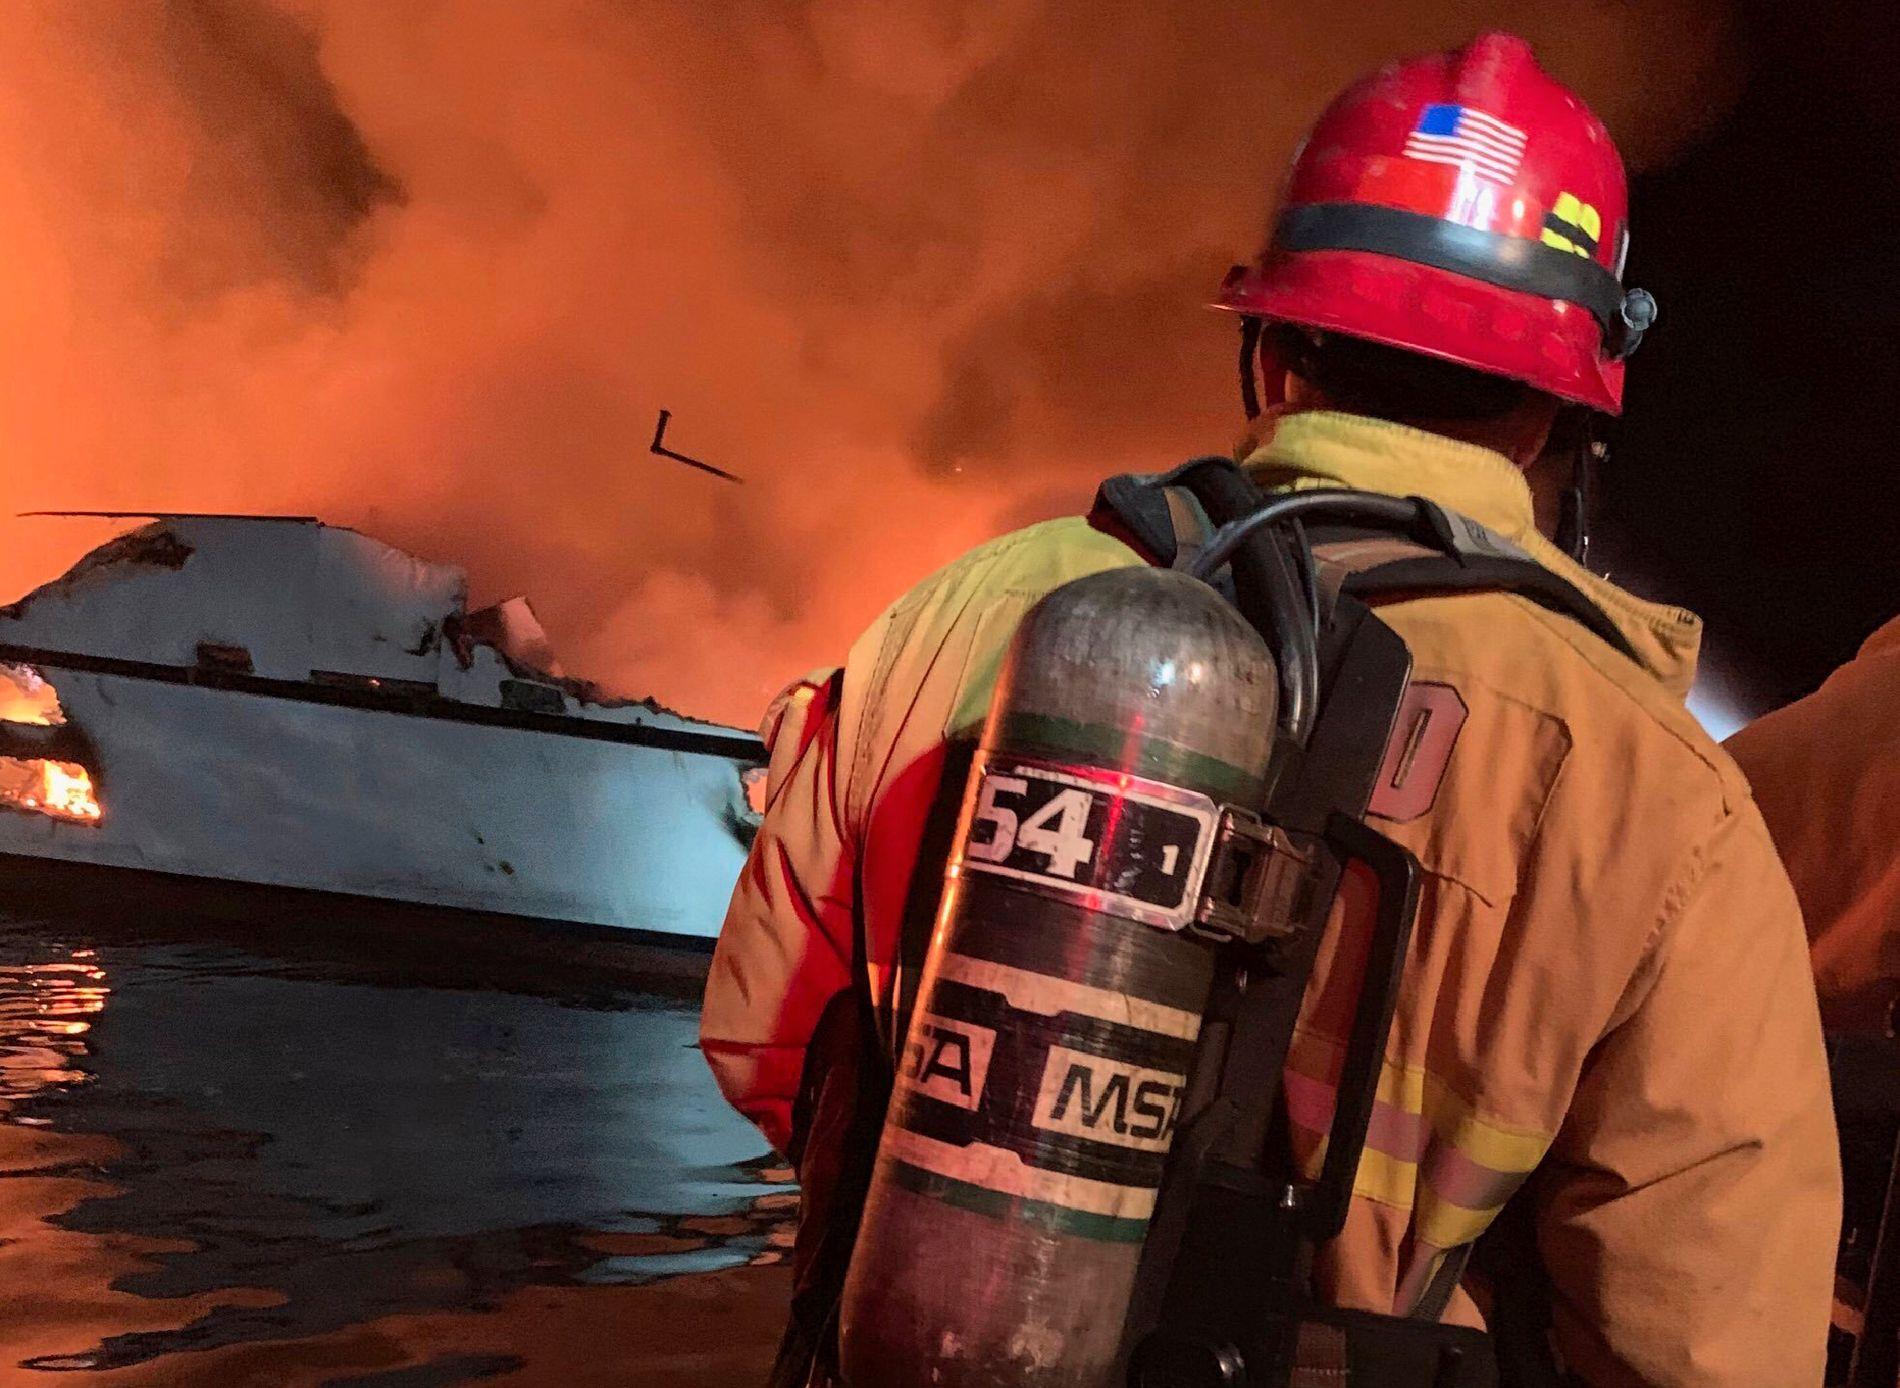 Minst 39 mennesker skal ha oppholdt seg om bord i den 75 fot store dykkerbåten som begynte å brenne utenfor kysten av California natt til mandag. Bare fem er bekreftet reddet. Foto: AP / NTB scanpix